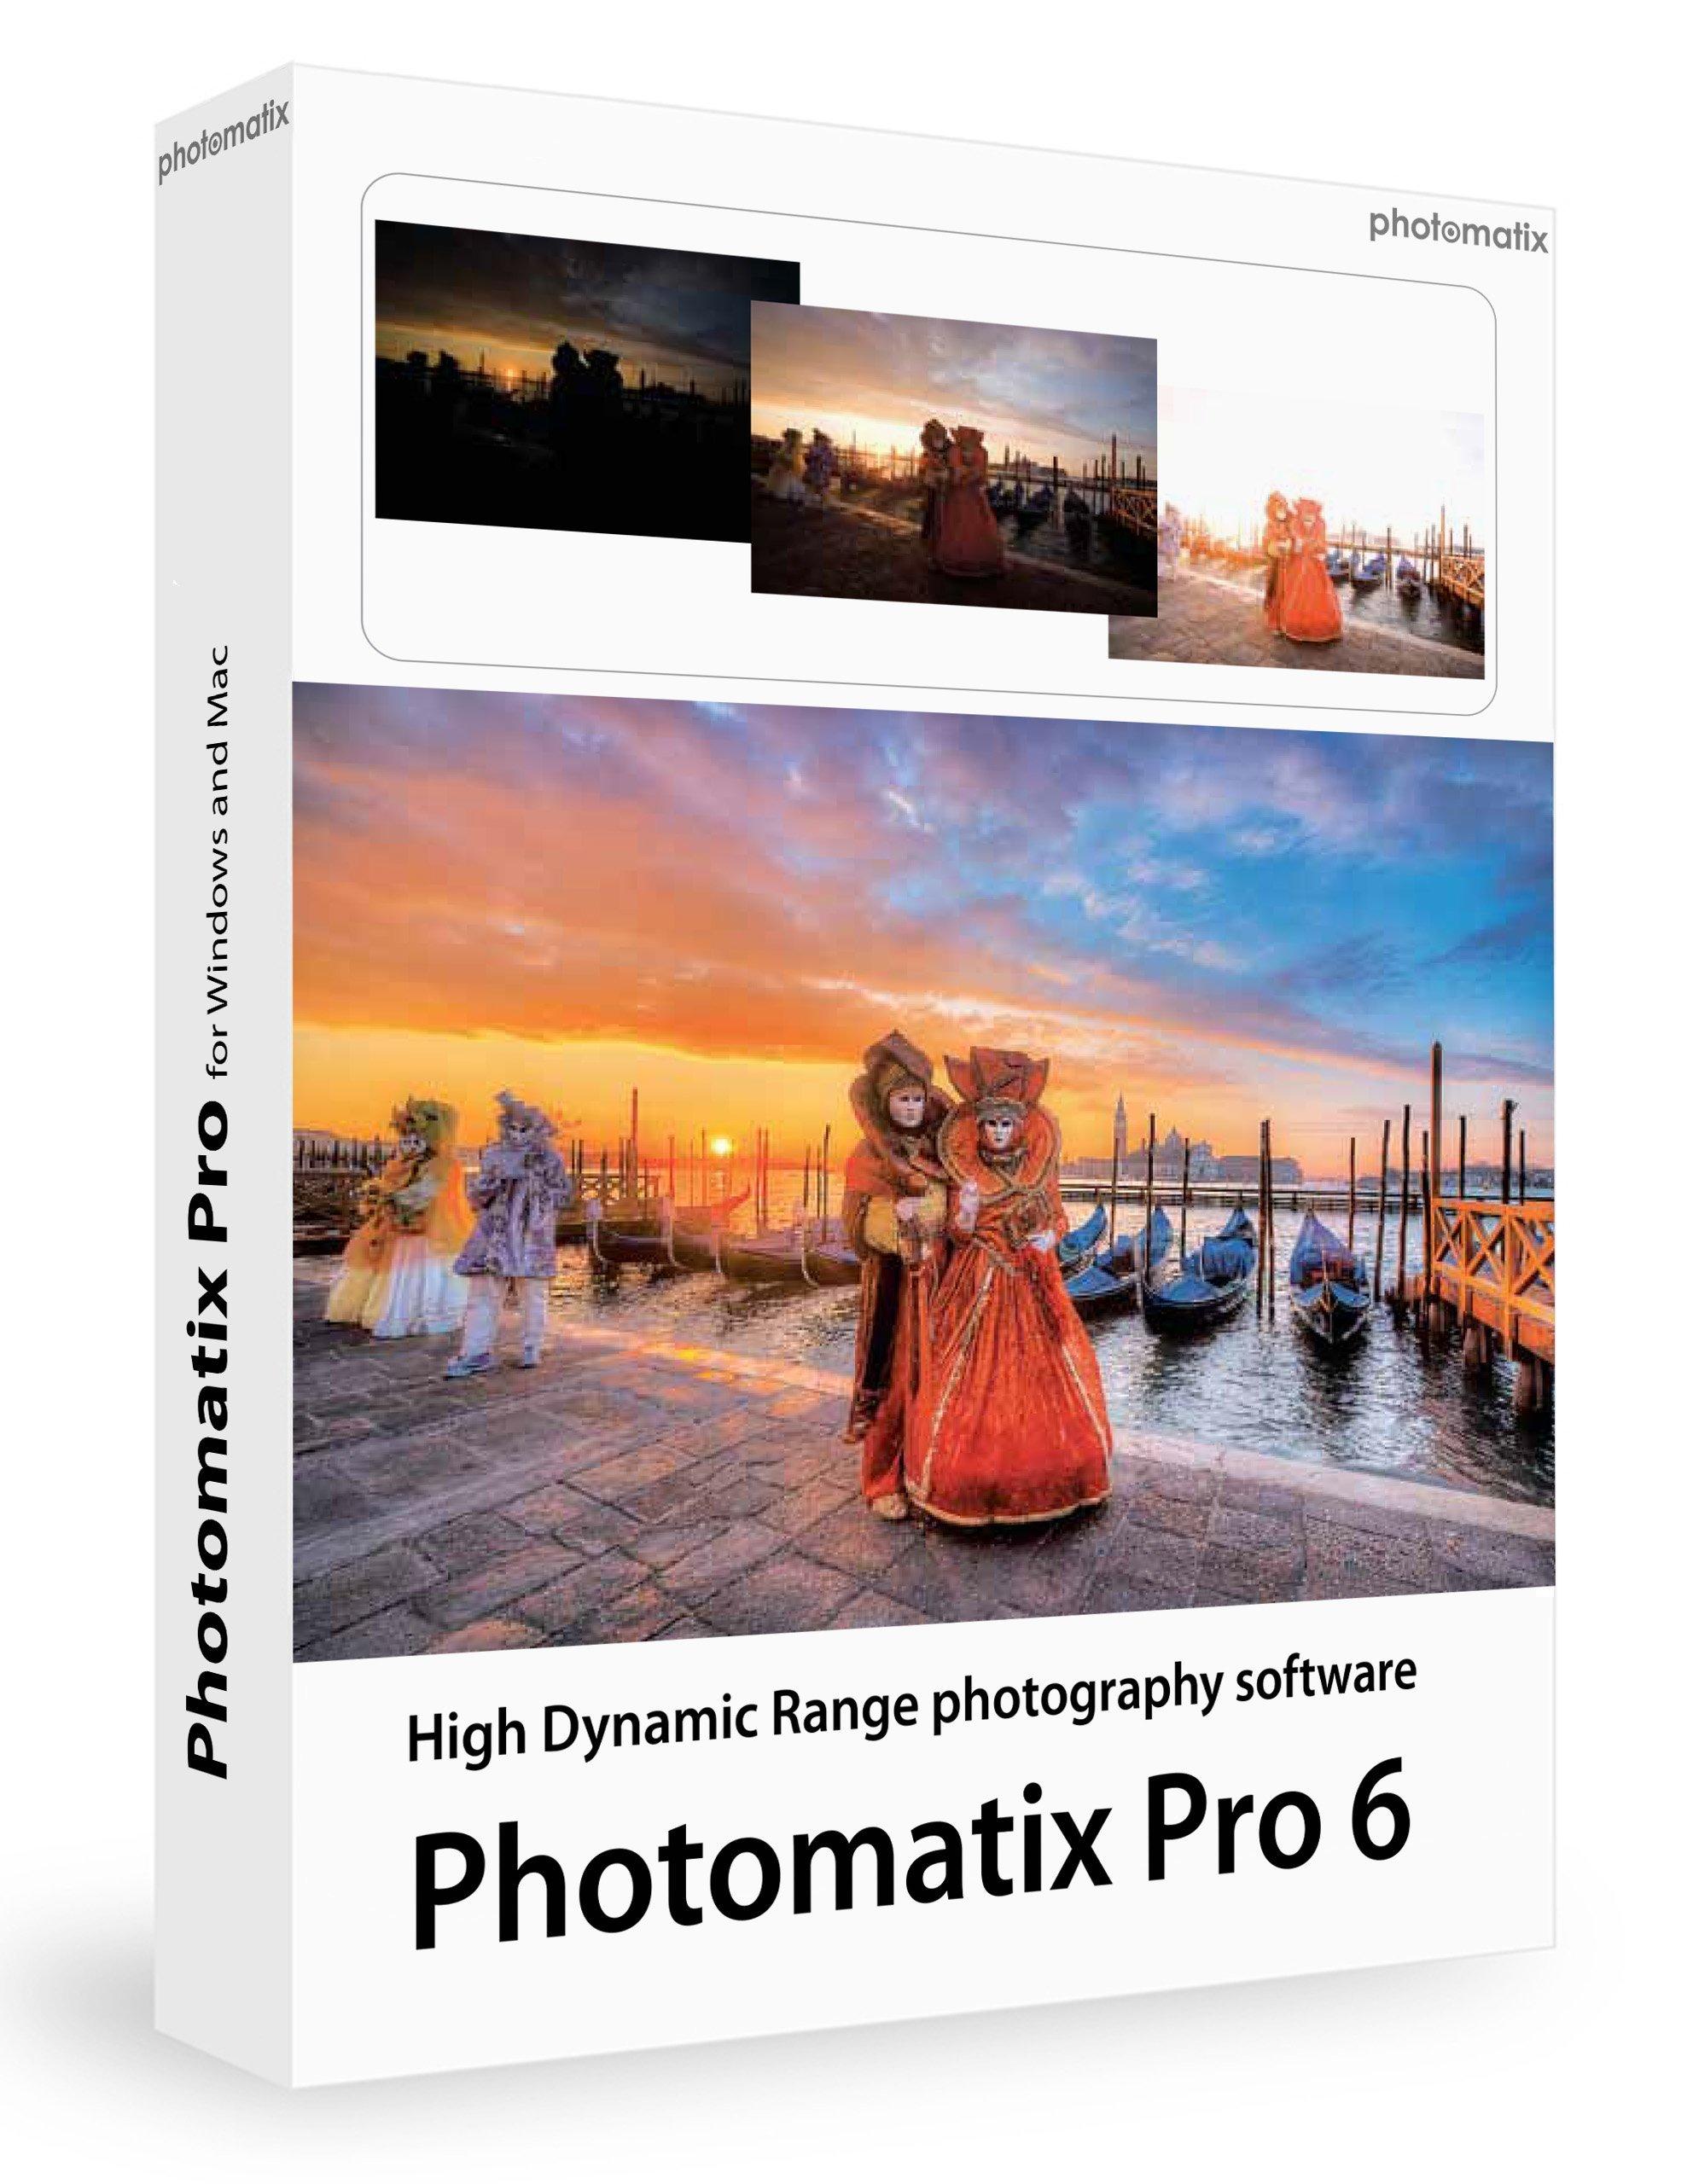 Photomatix Pro 6 by HDRsoft